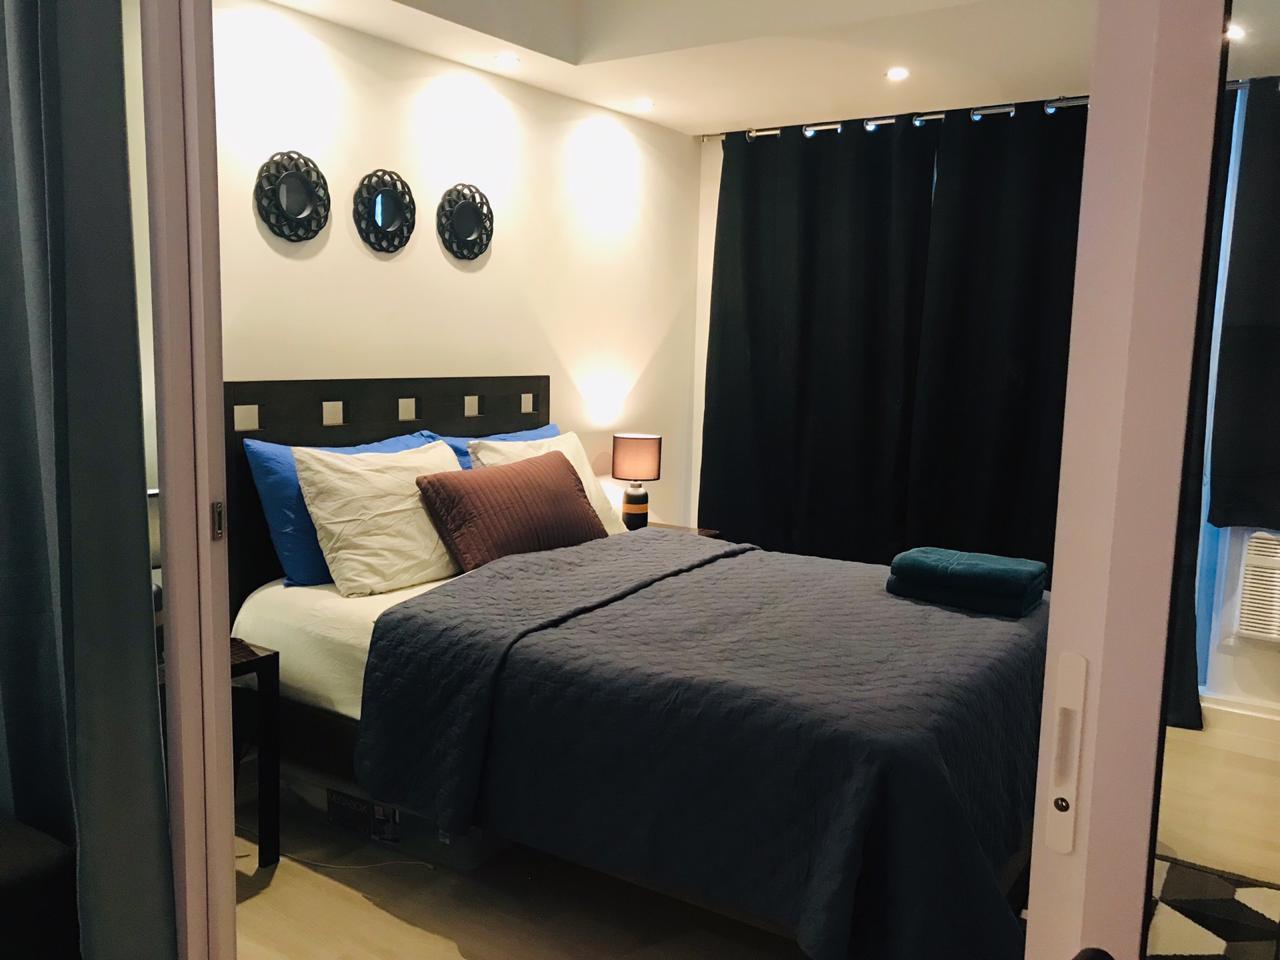 B425 * Condominium Unit In Azure Residences